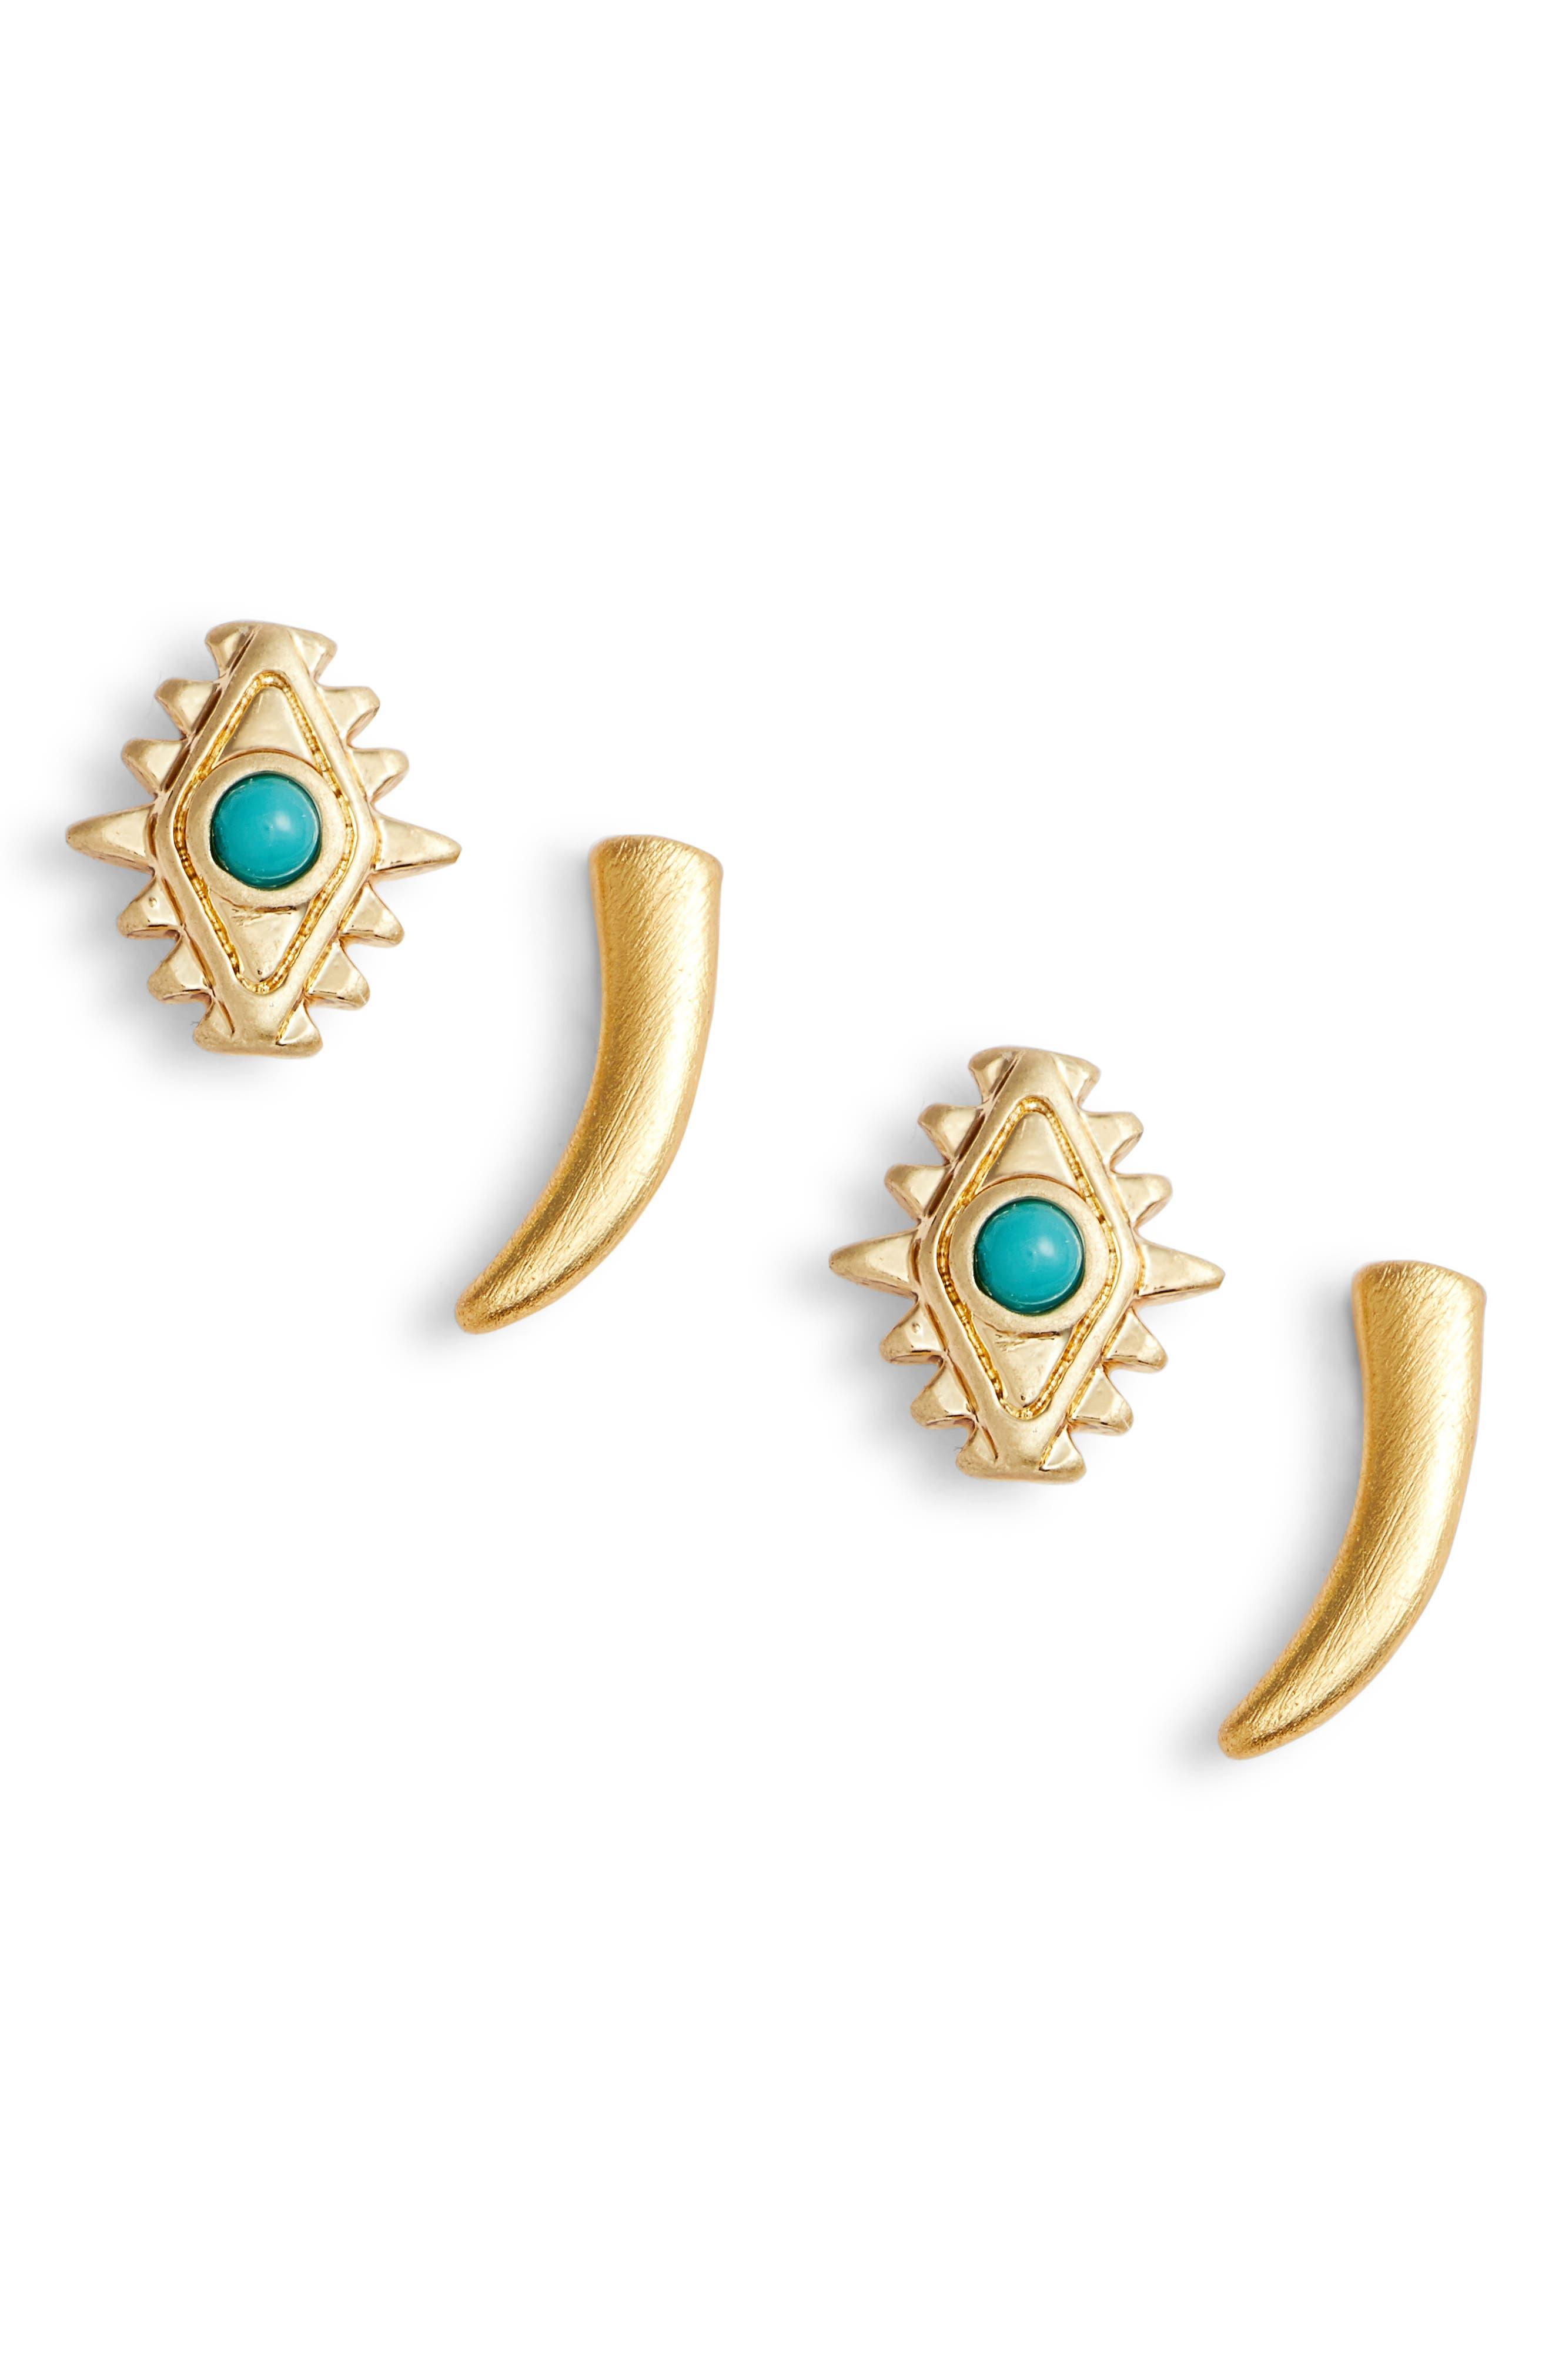 Set of 2 Stud Earrings,                             Main thumbnail 1, color,                             Gold